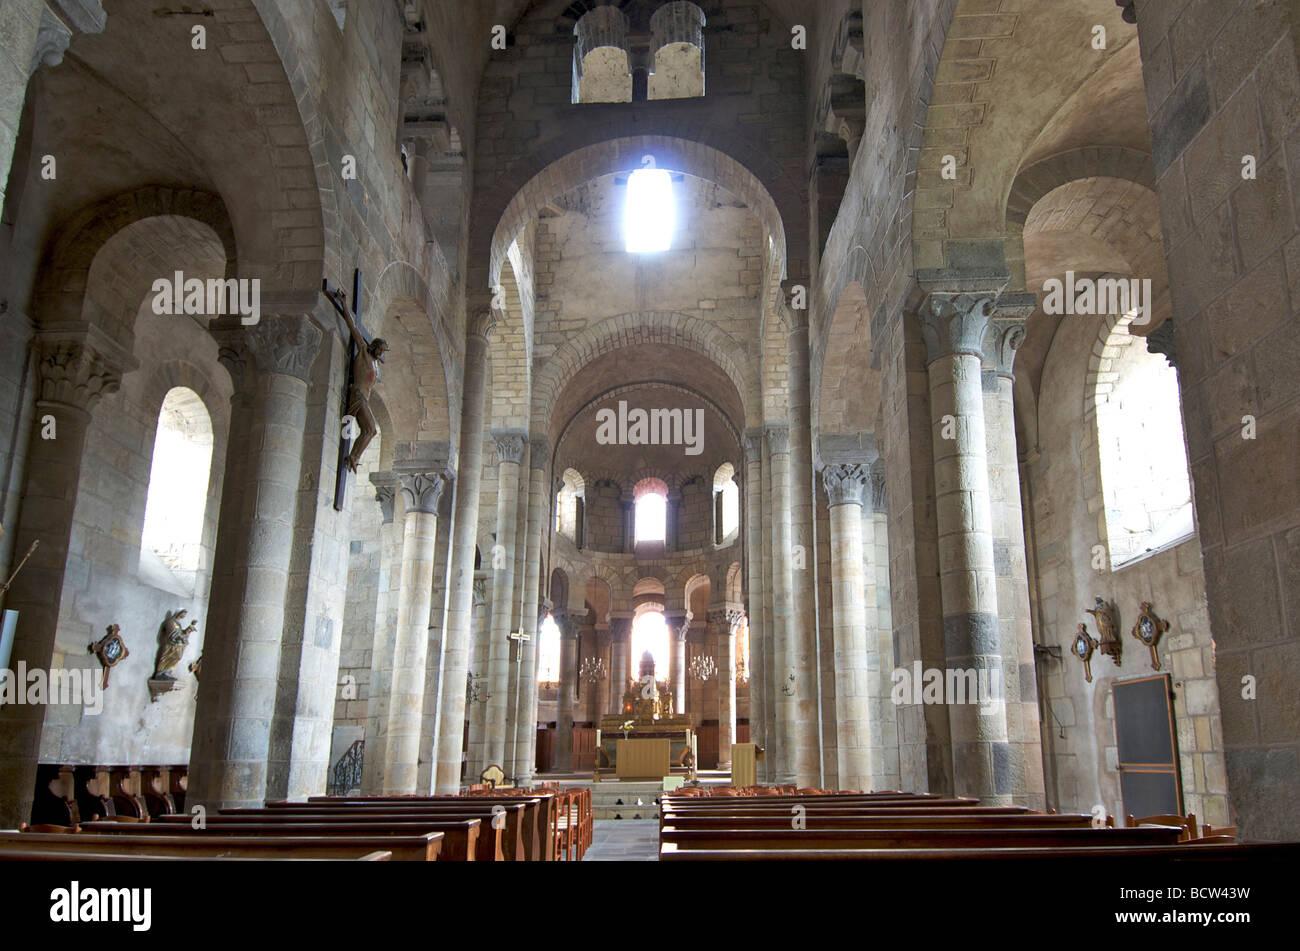 Interieur der romanischen Kirche Saint Saturnin.  Auvergne. Frankreich. Stockbild